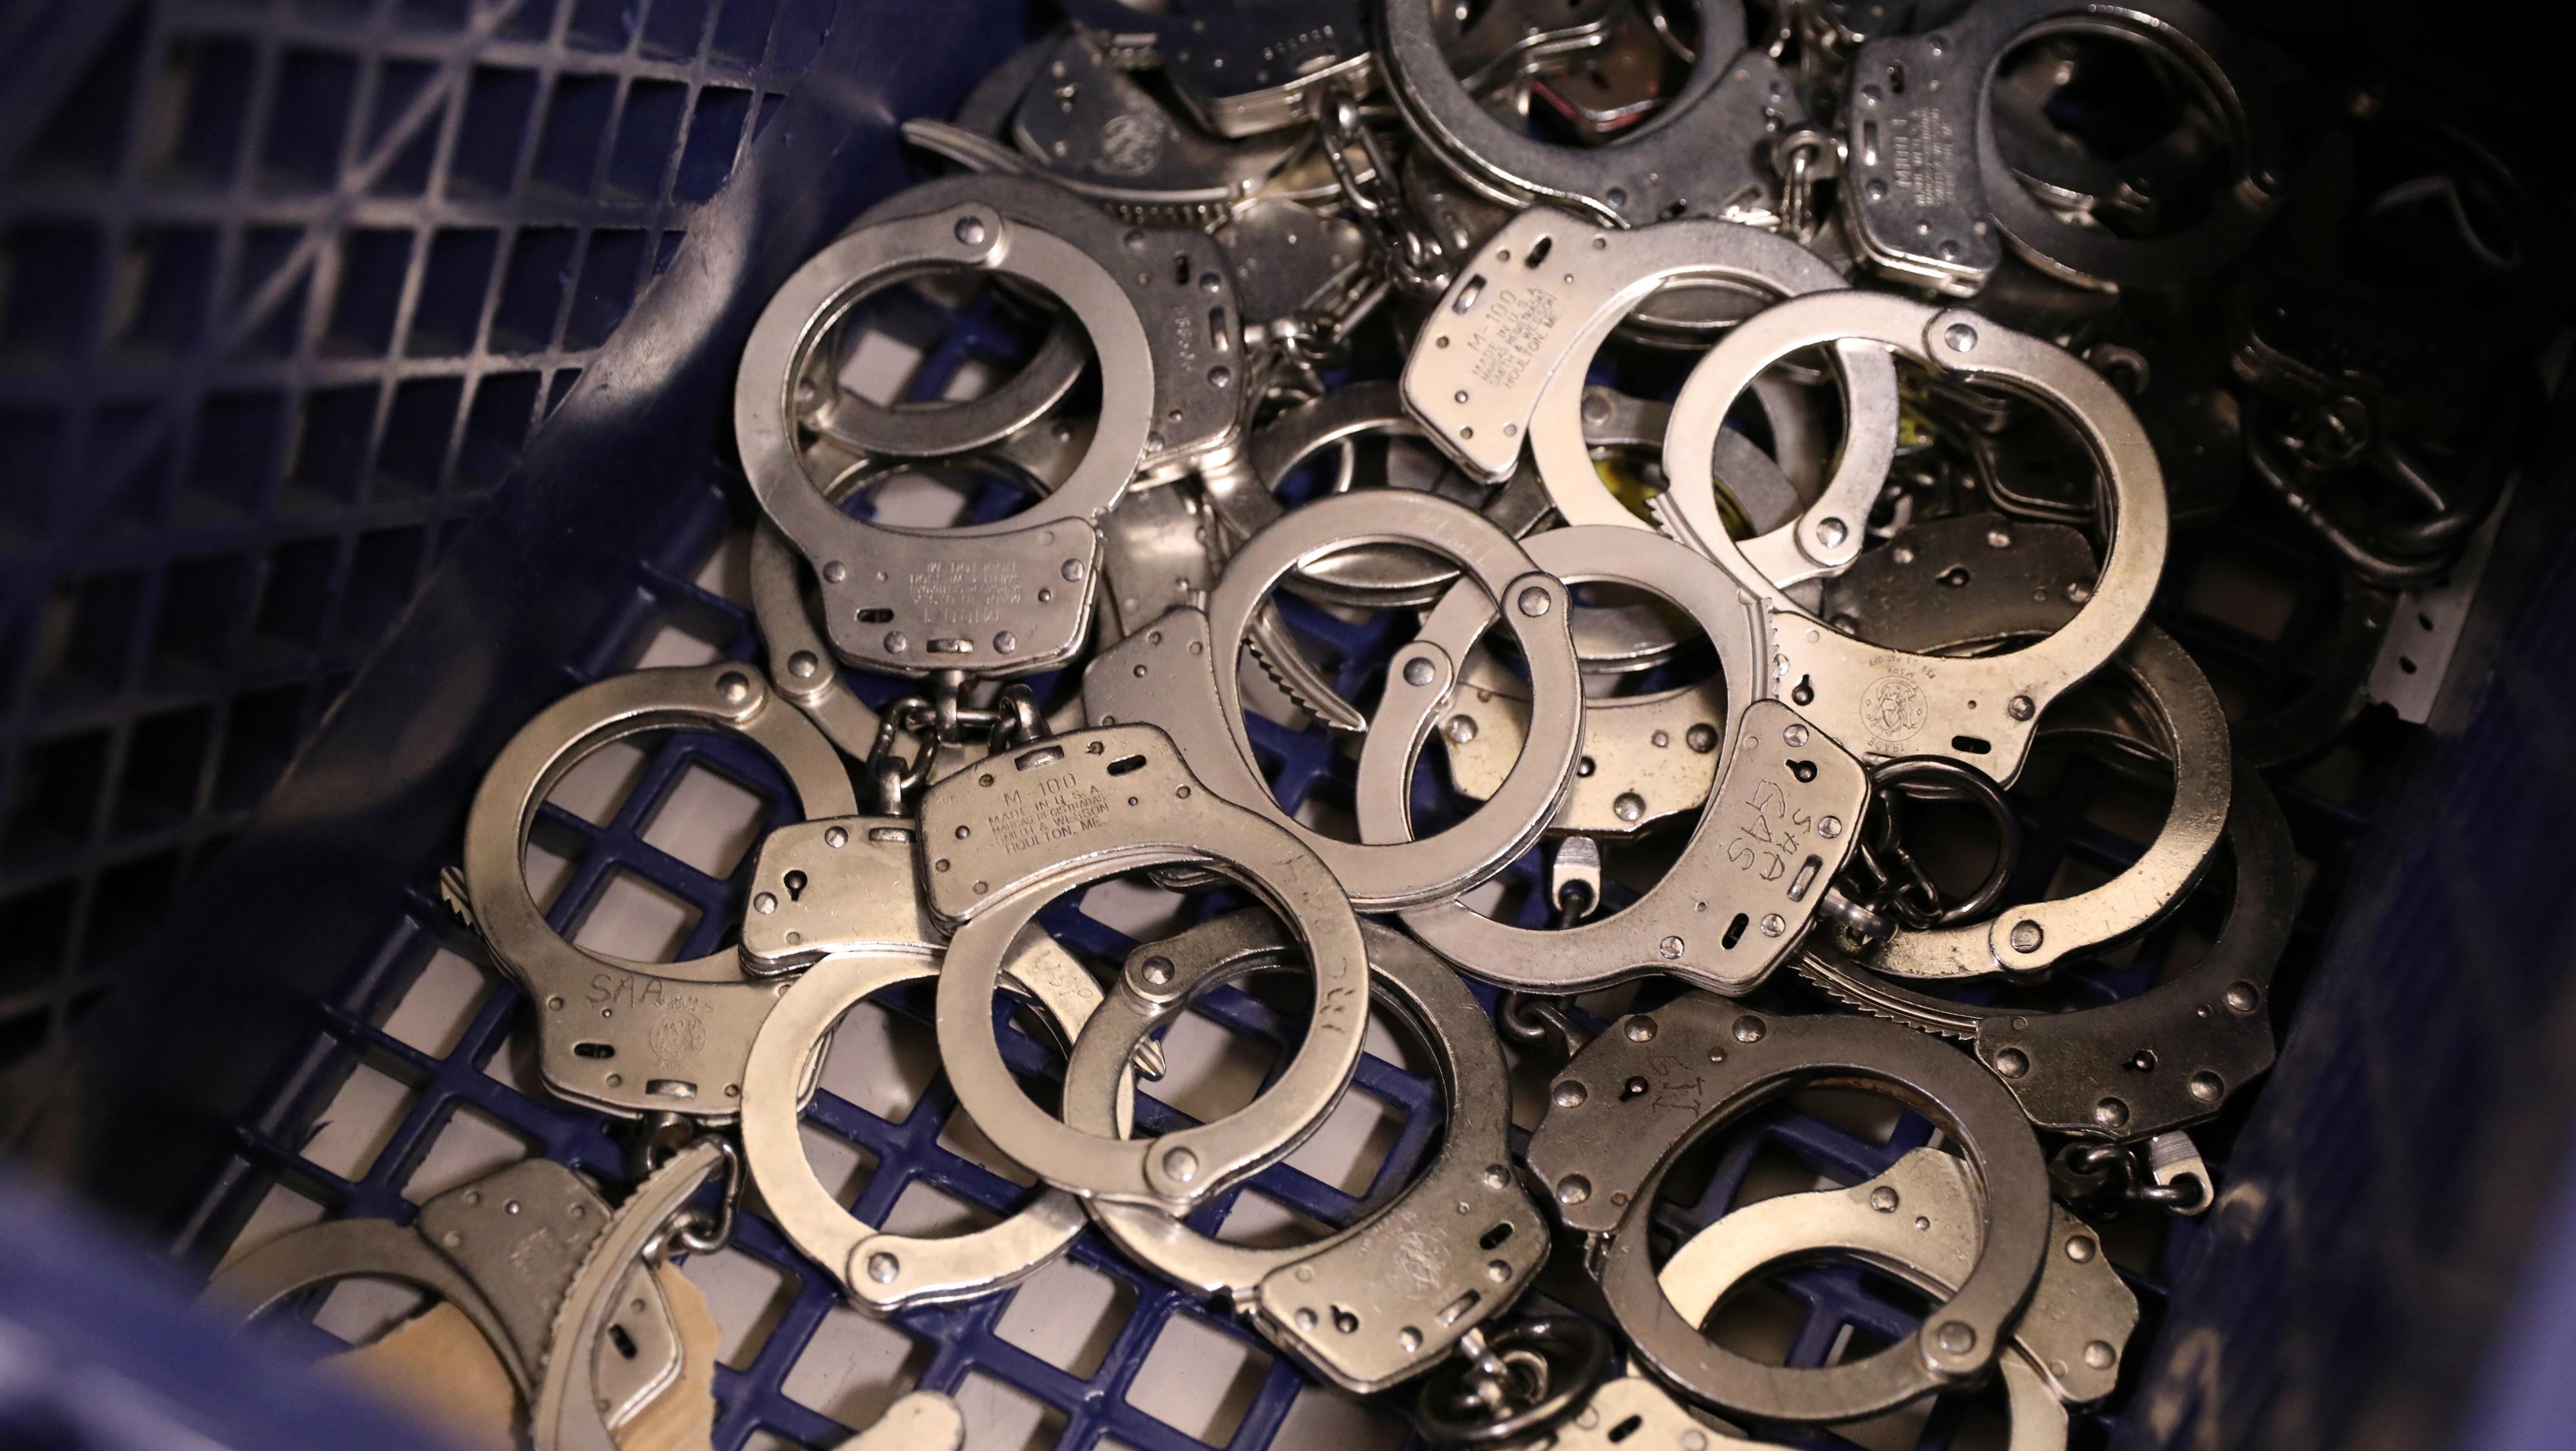 Handcuffs in a basket.